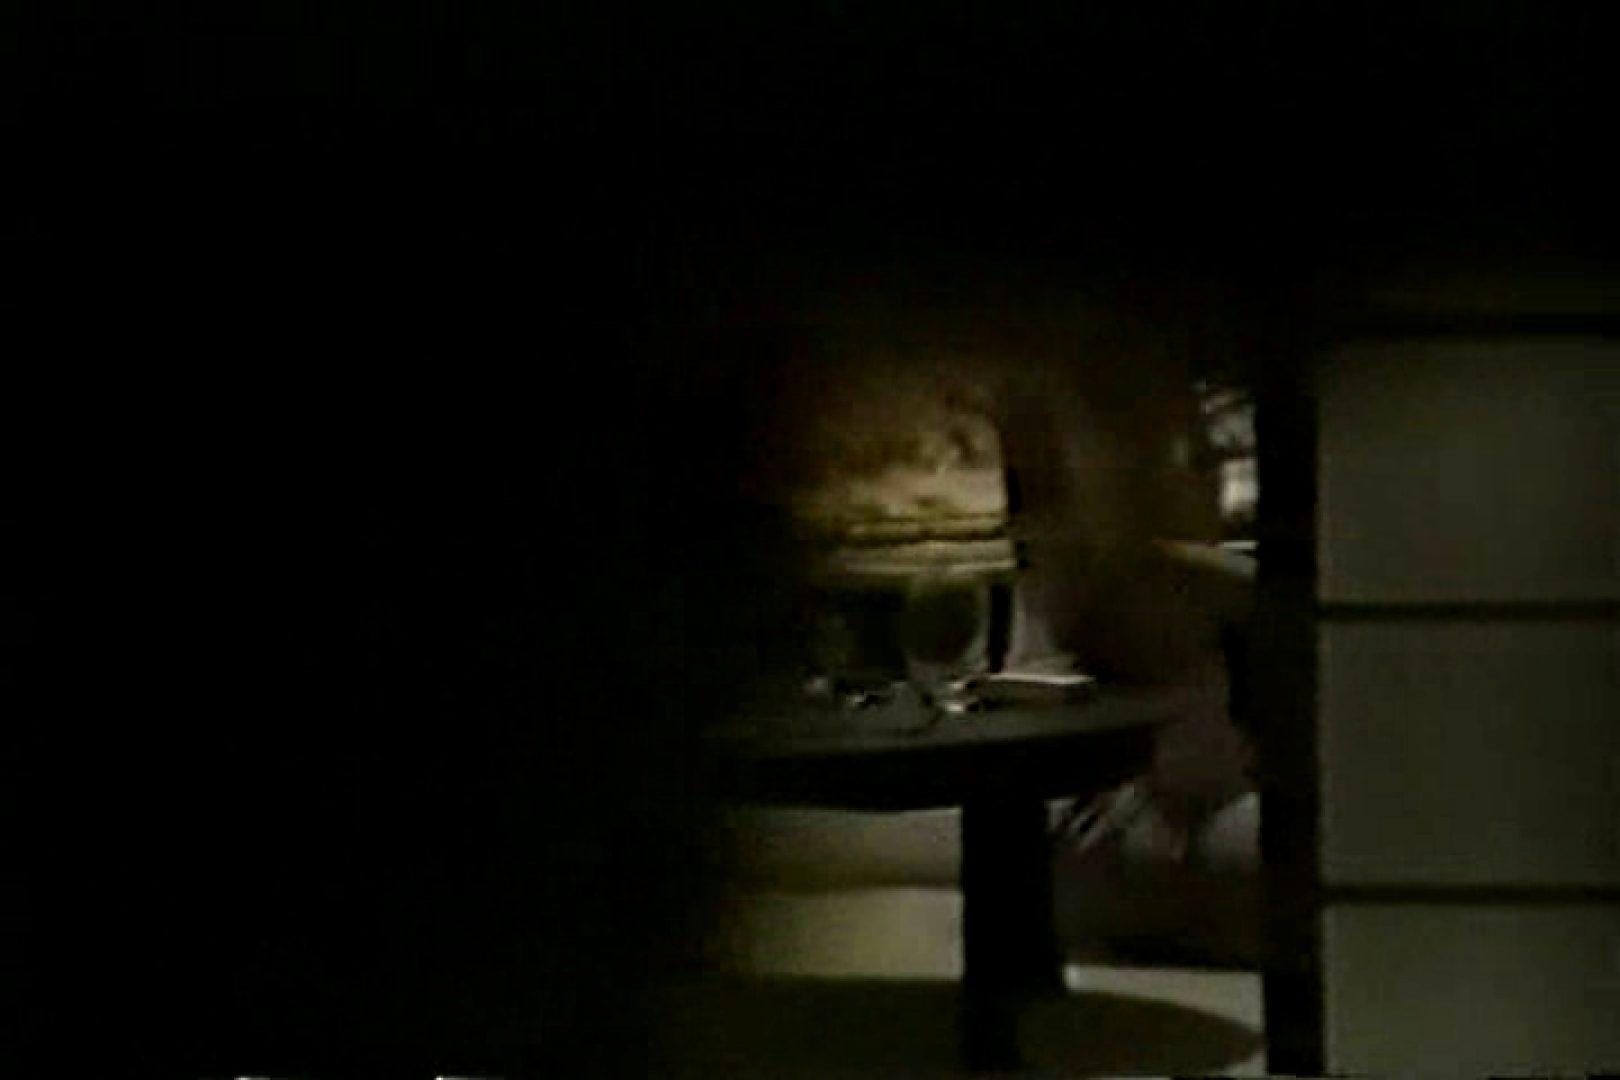 深夜の撮影会Vol.6 オナニーする女性たち 盗撮AV動画キャプチャ 88画像 3